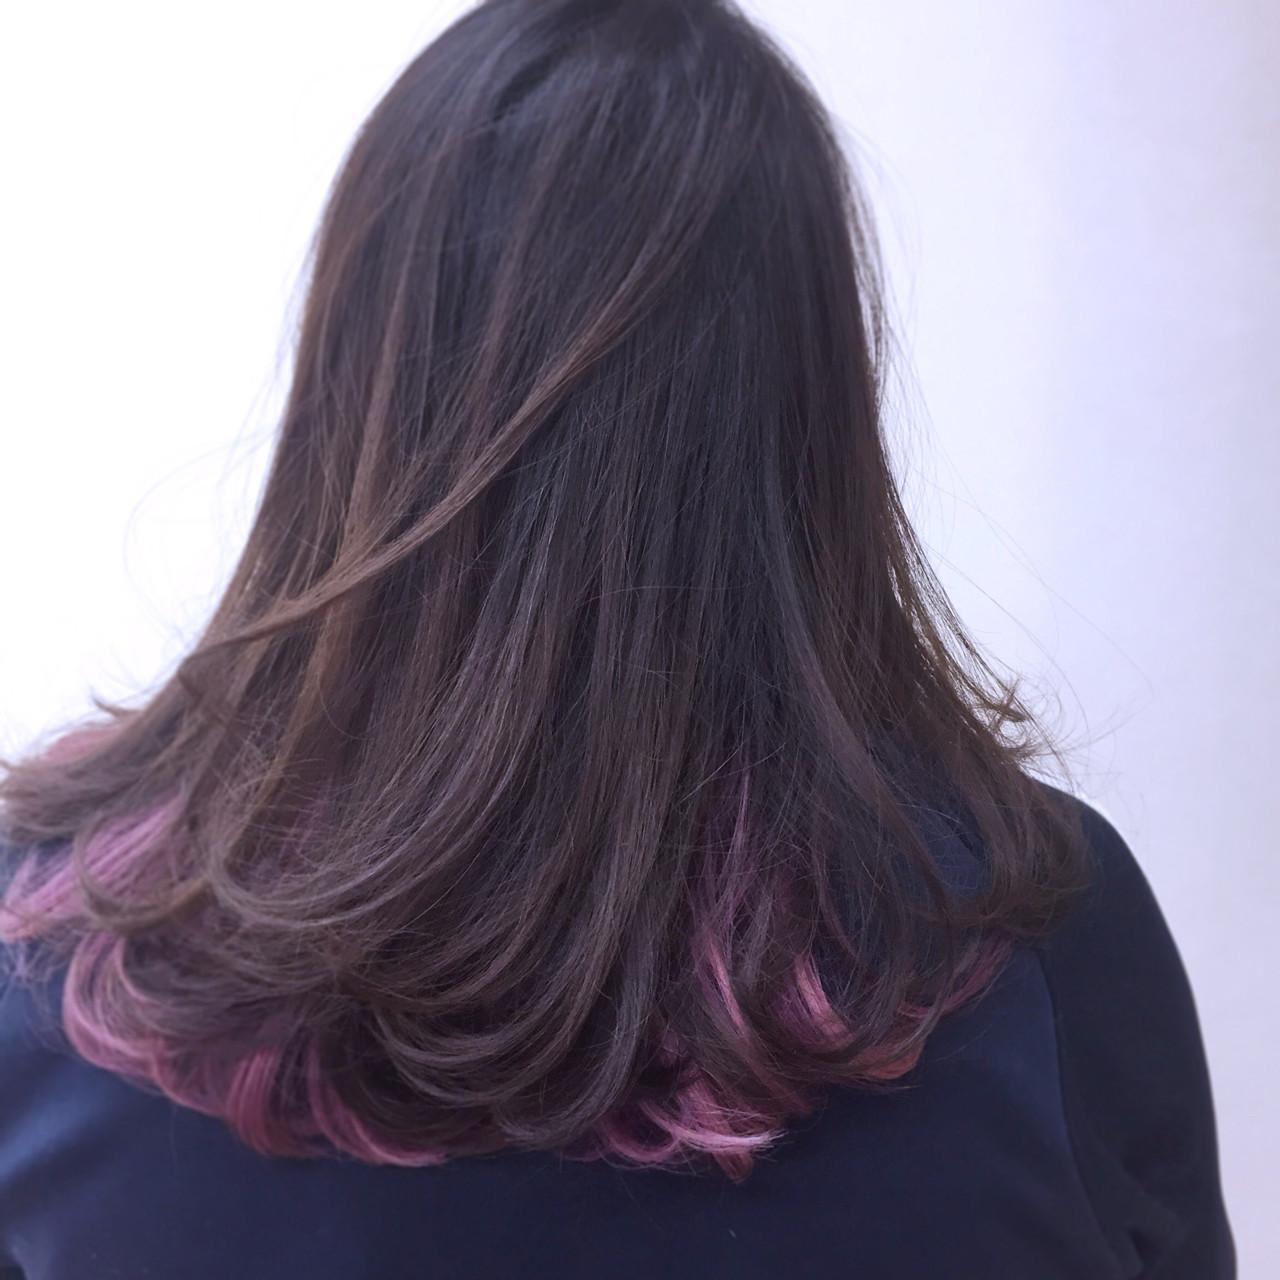 インナーカラー アッシュ 冬 パープル ヘアスタイルや髪型の写真・画像